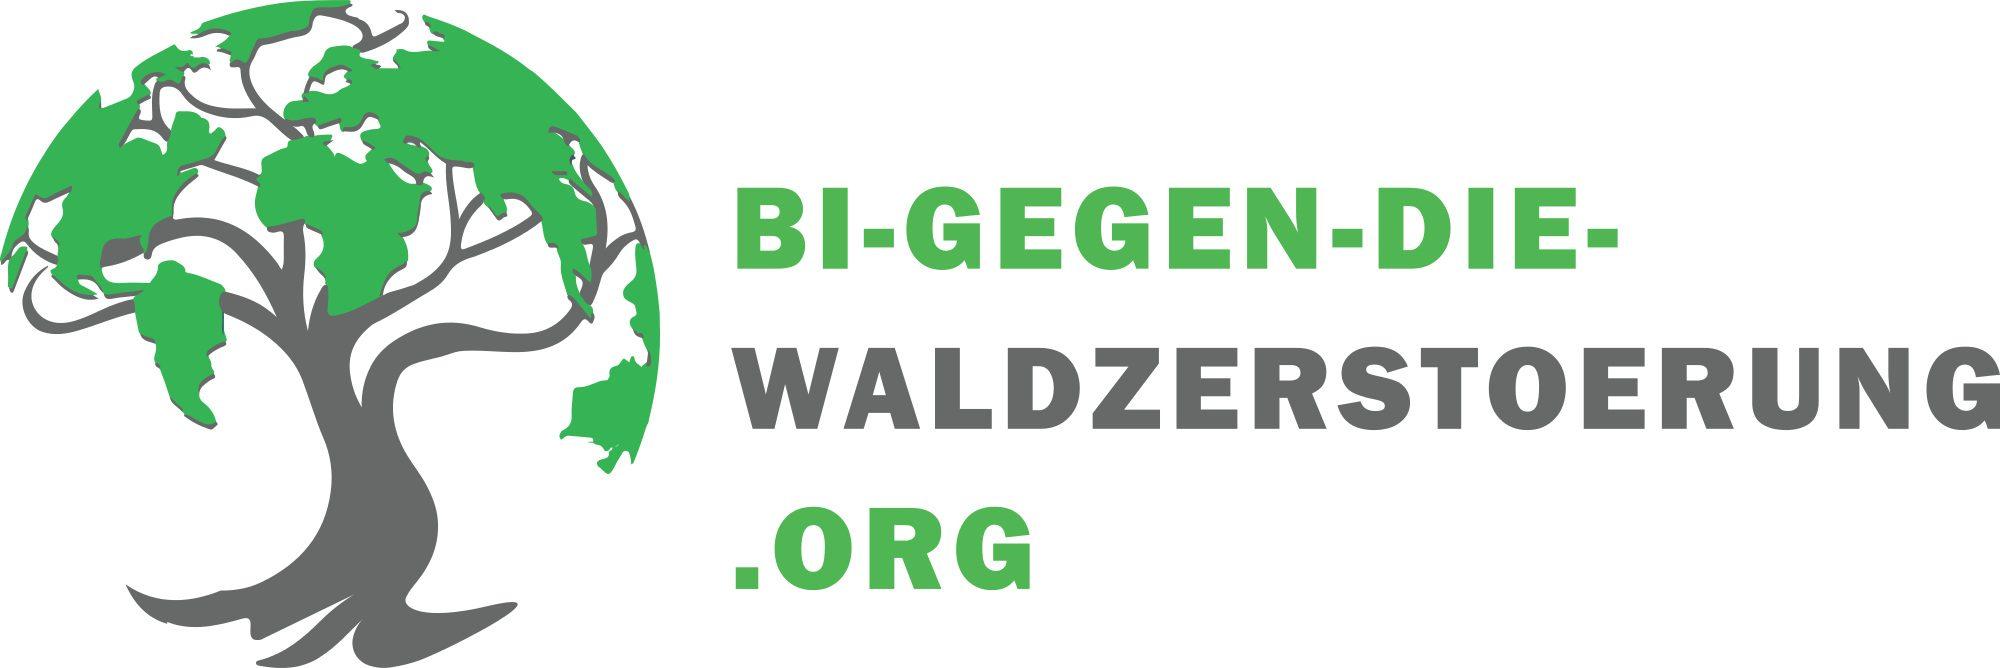 Bürgerinitiative (BI) gegen die Waldzerstörung